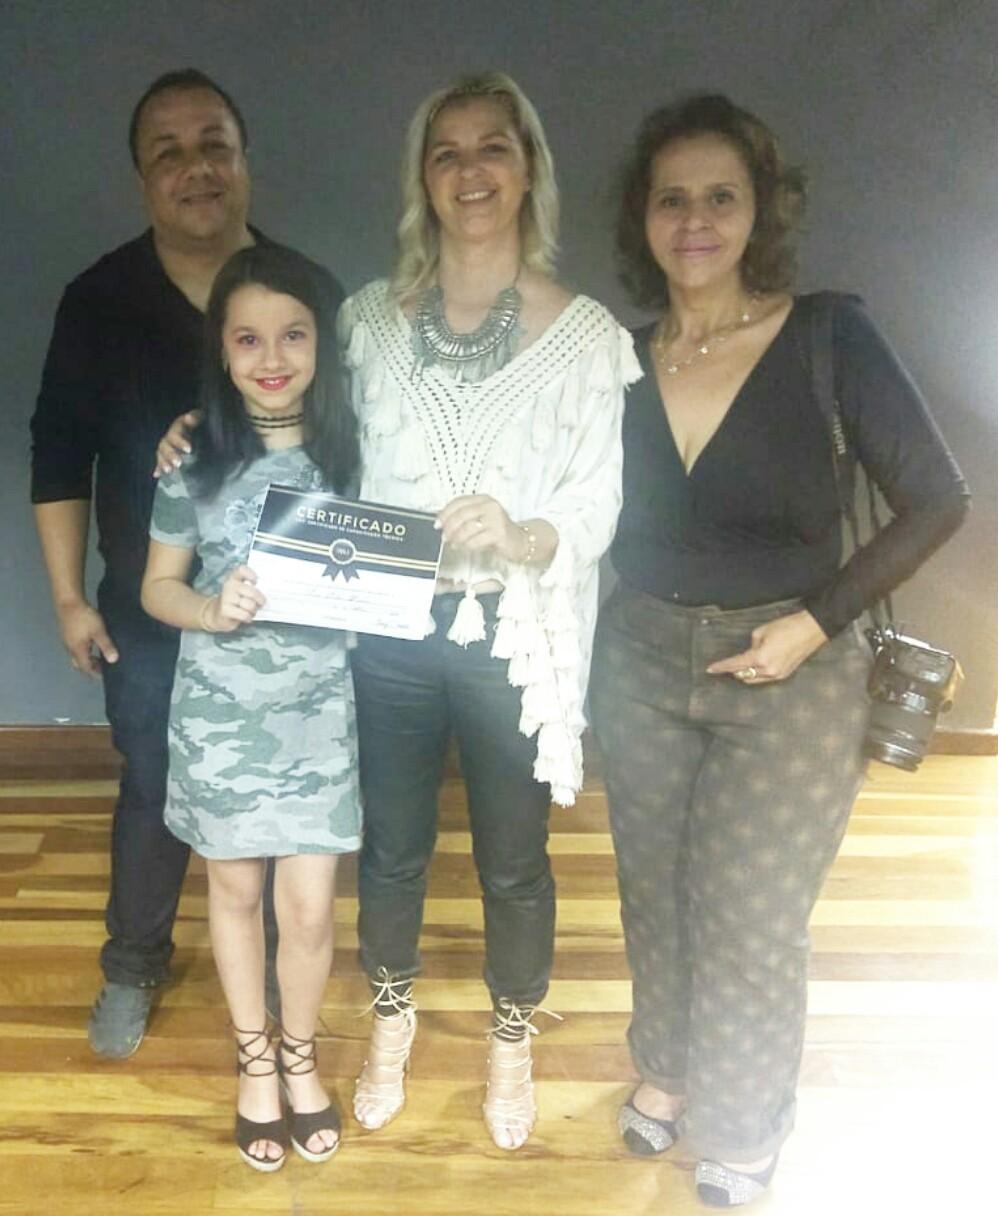 Campo-belense recebe certificado profissional  pelas mãos da Modelo e ministrante nacional Anny Praddo